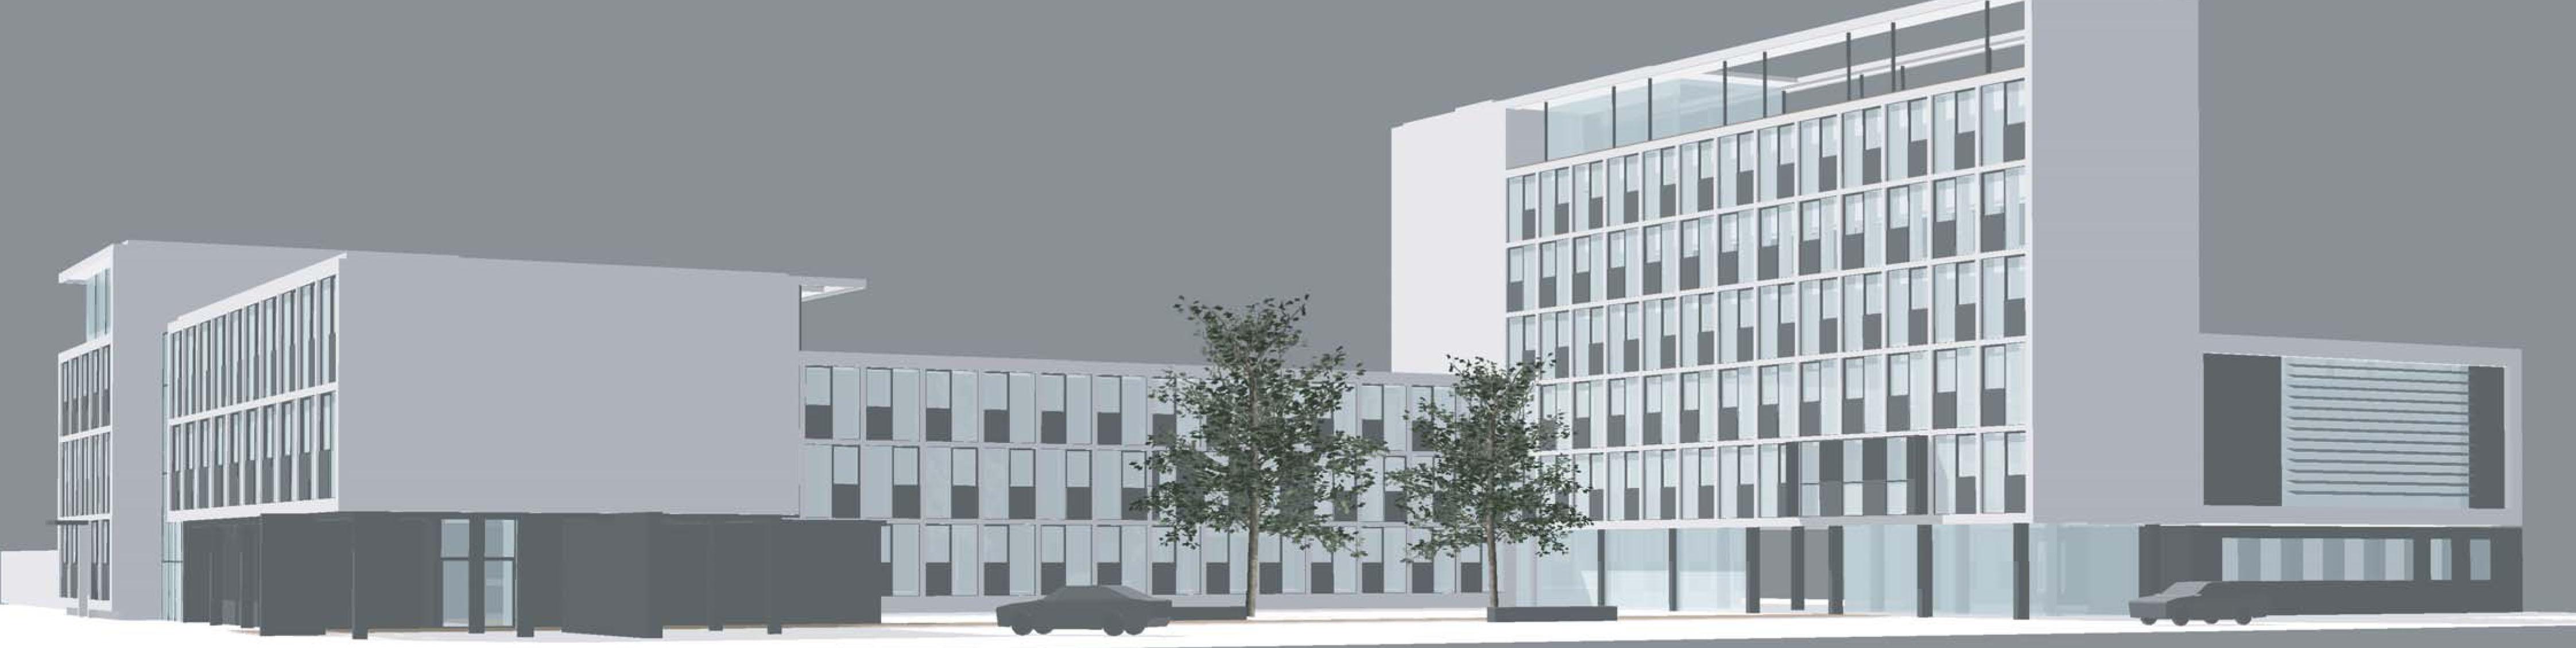 Rathaus Neu-Isenburg – Wettbewerb 2. Preis